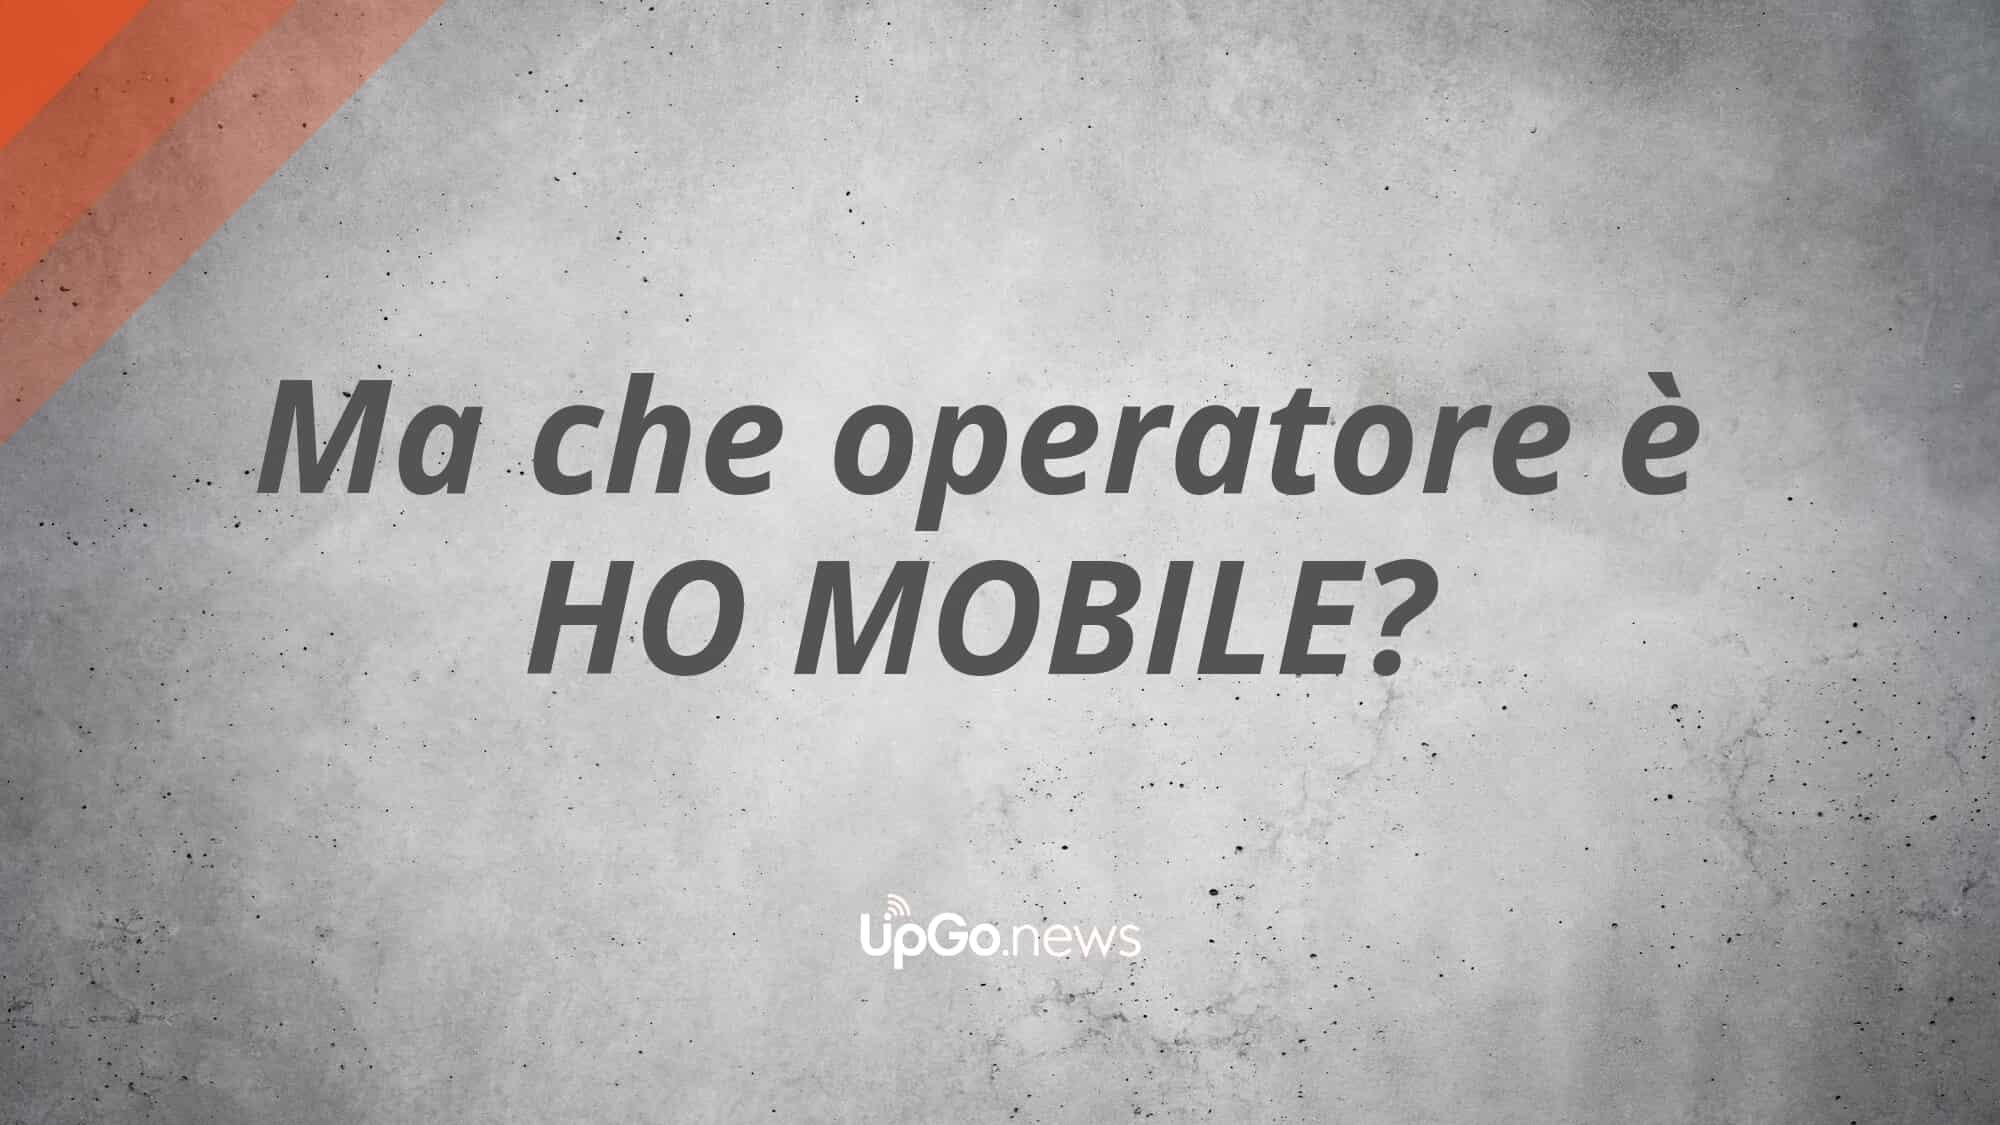 Che operatore è Ho Mobile?